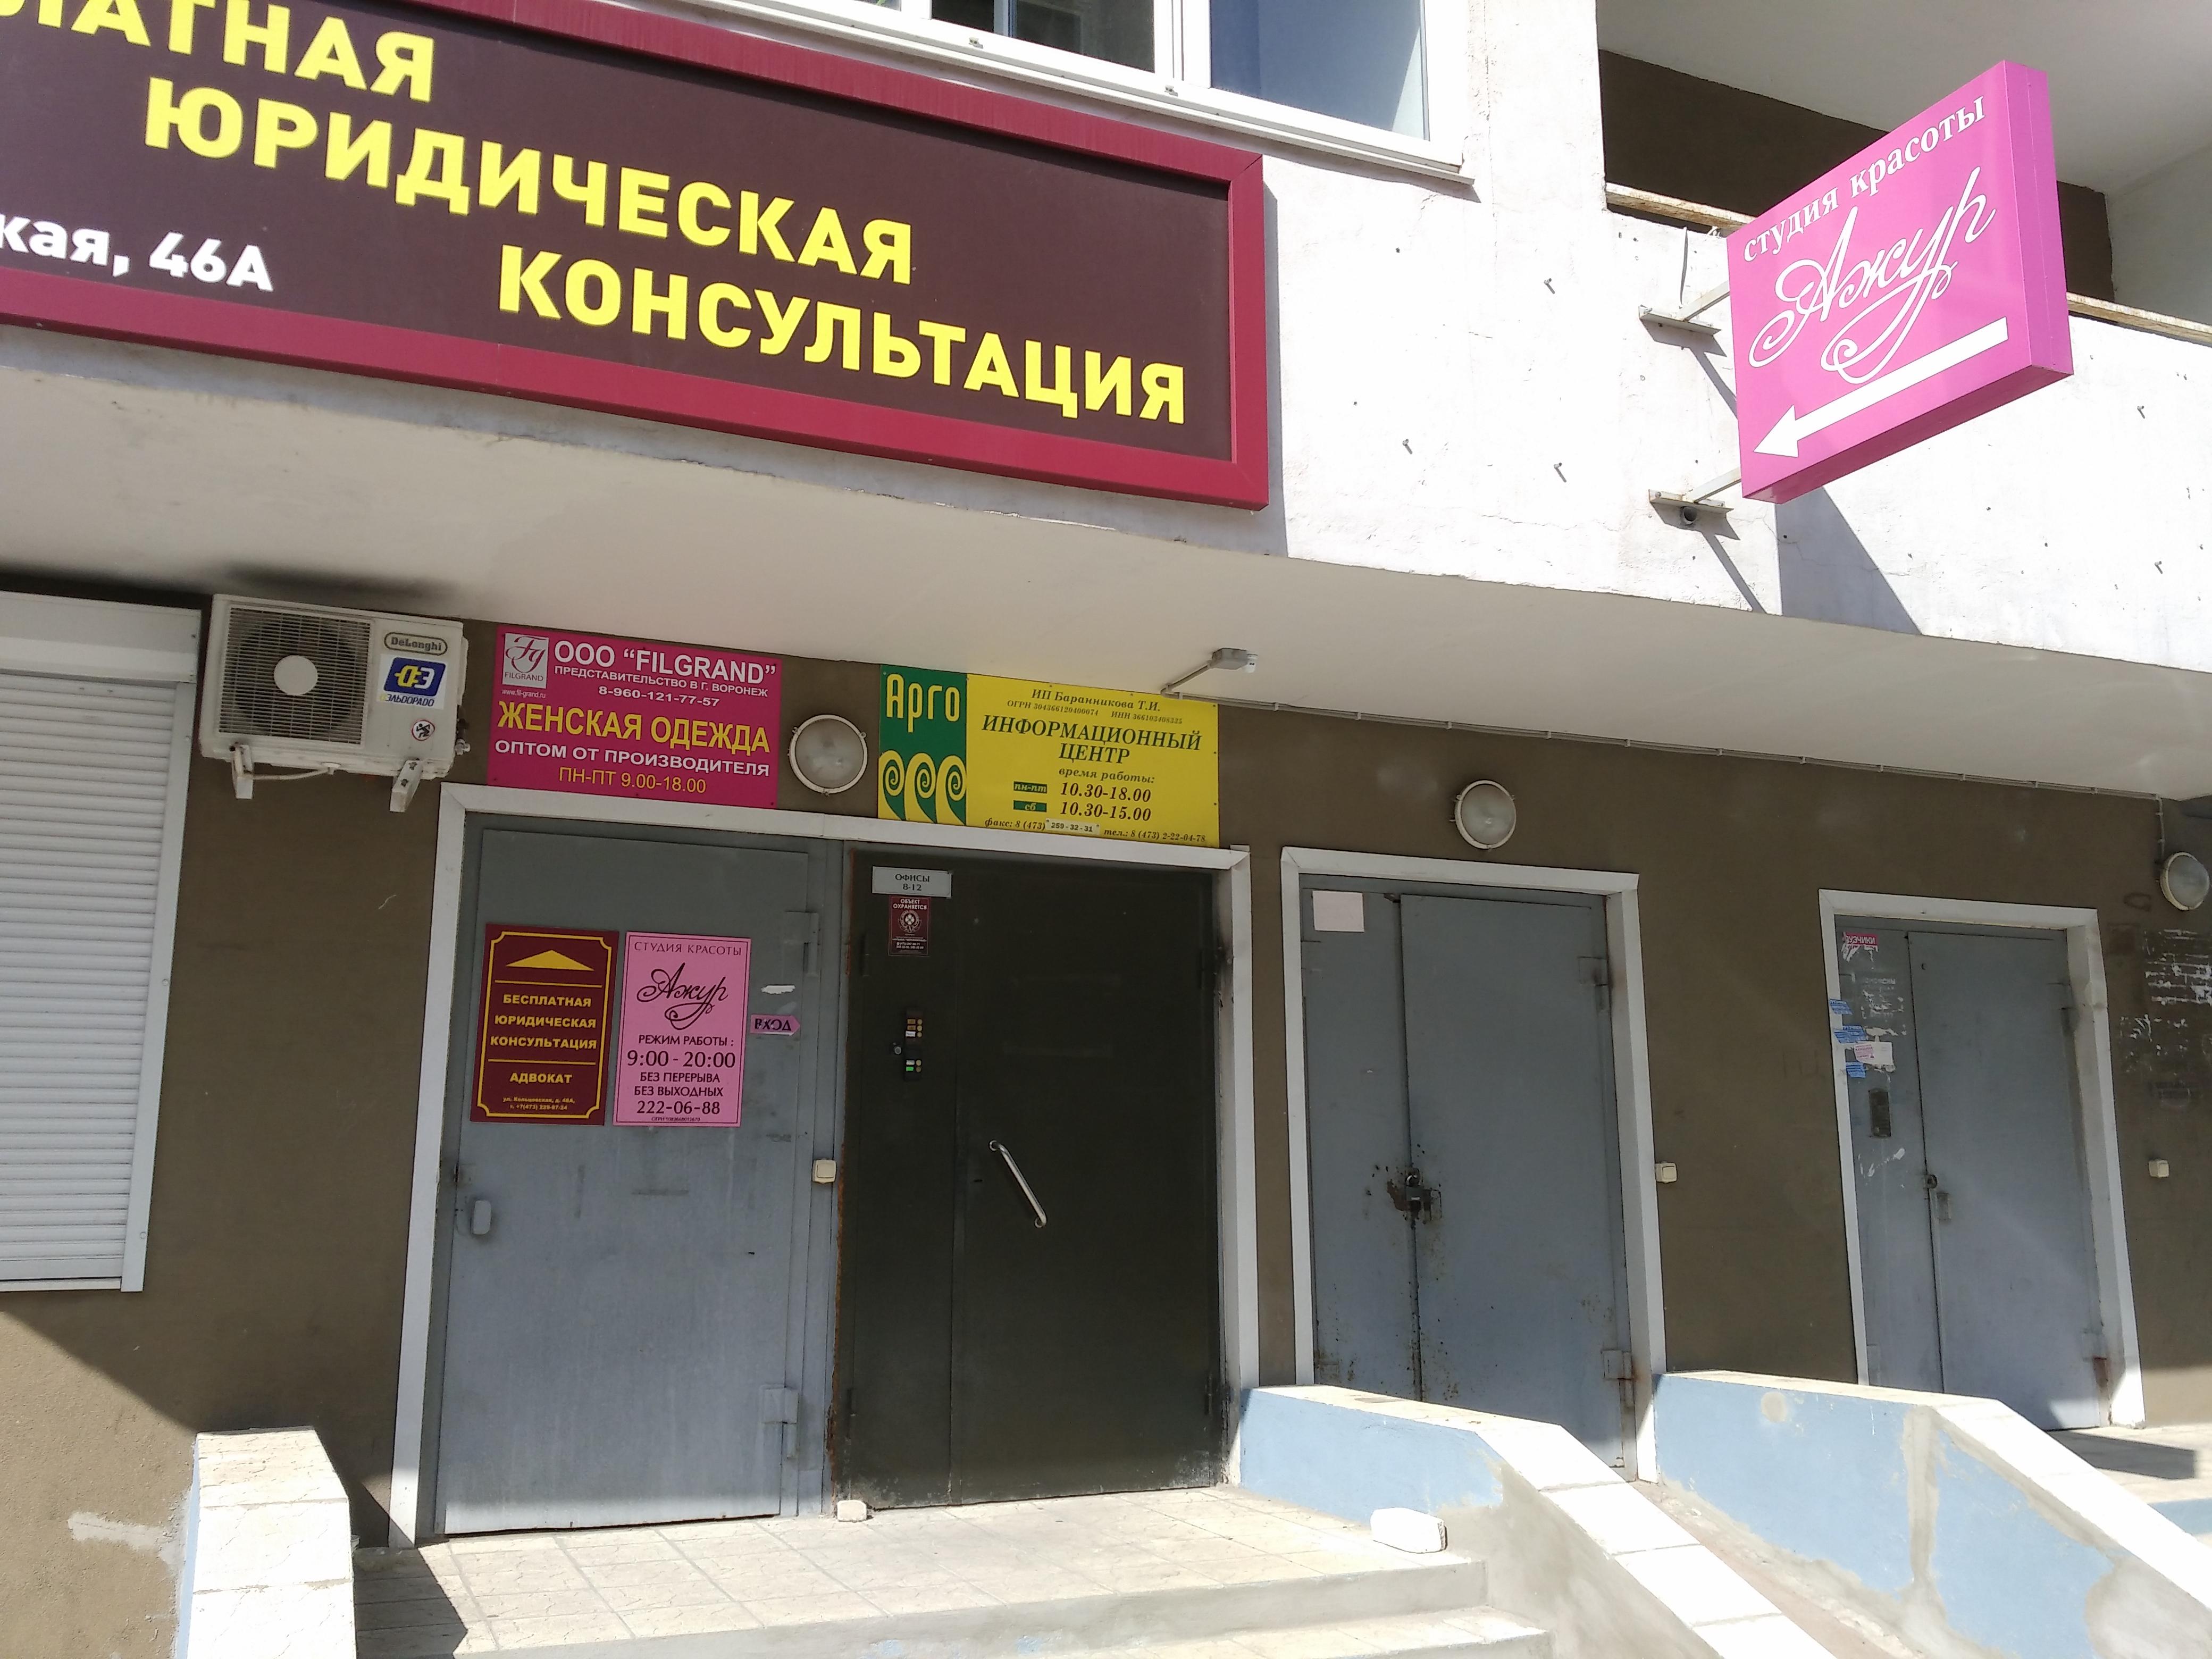 бесплатная юридическая консультация воронеж кольцовская 46 а